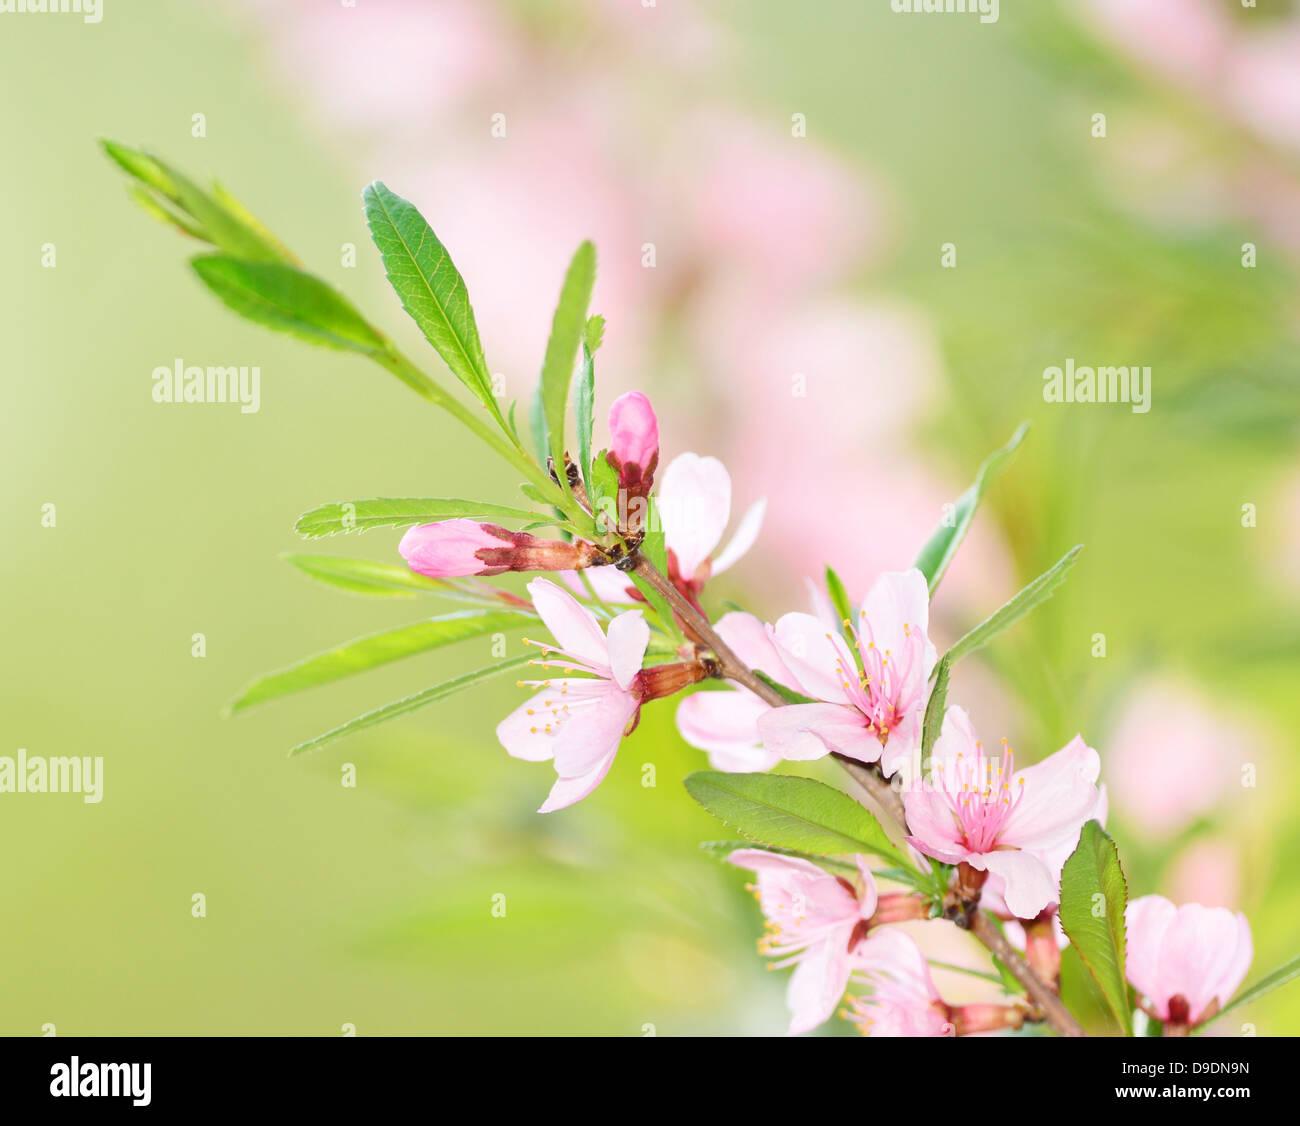 La saison du printemps - Fleurs de cerisier rose Photo Stock